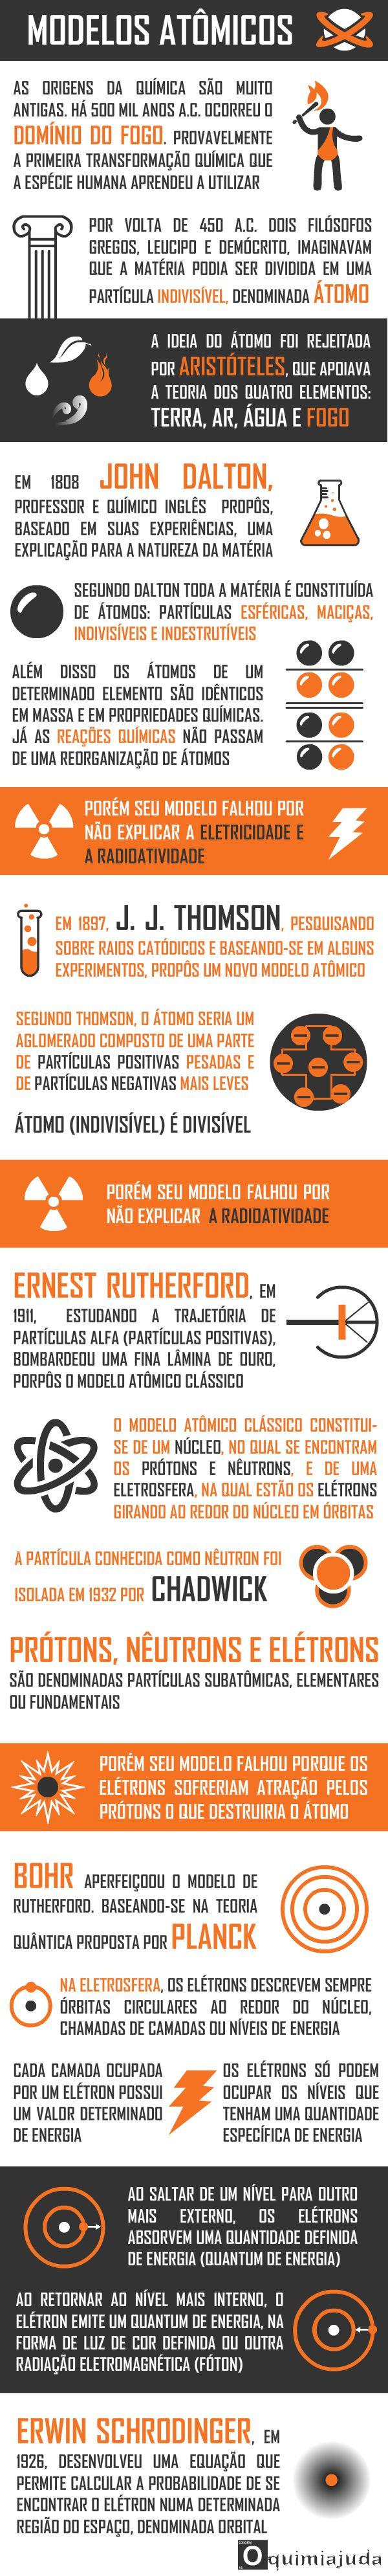 OQUIMIAJUDA: A Química da Bola da Copa do Mundo Mais